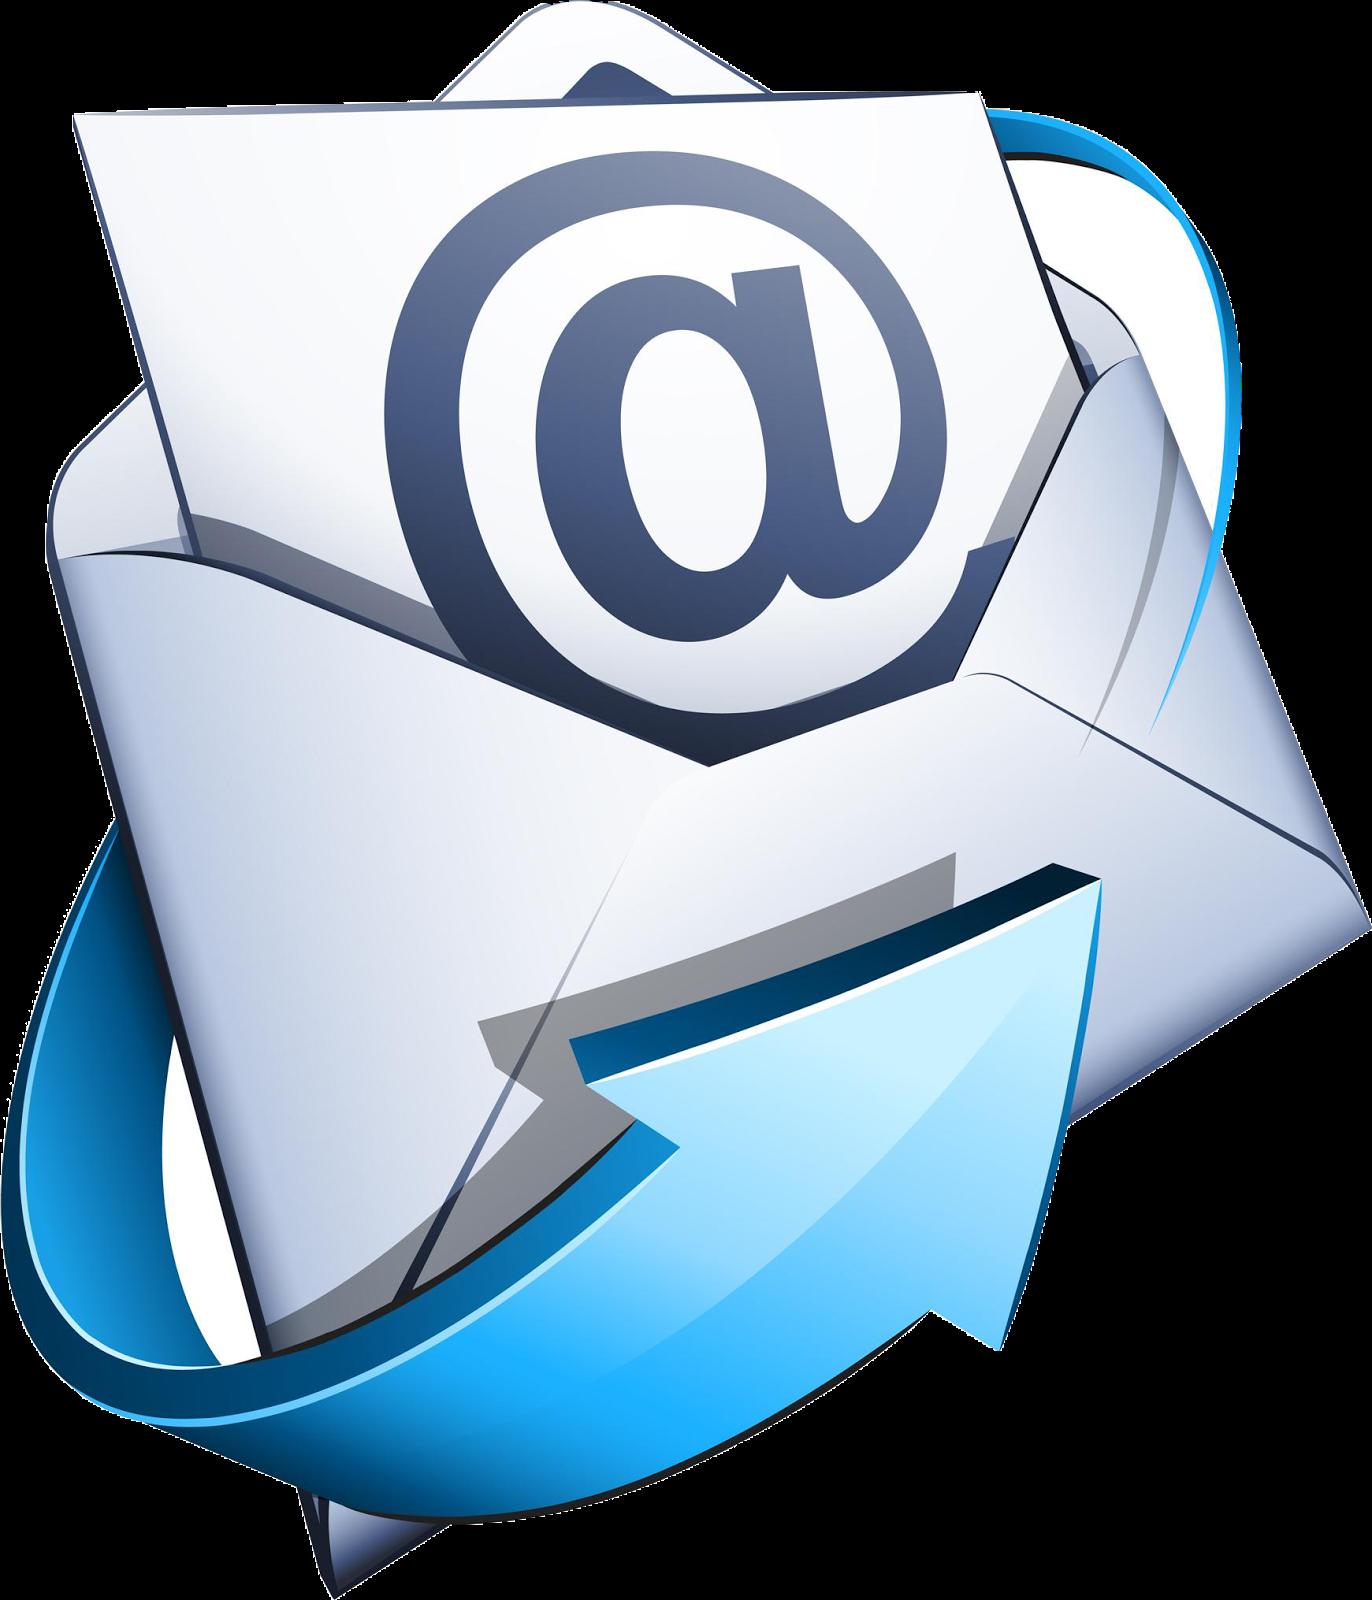 """Képtalálat a következőre: """"Email logo free download"""""""